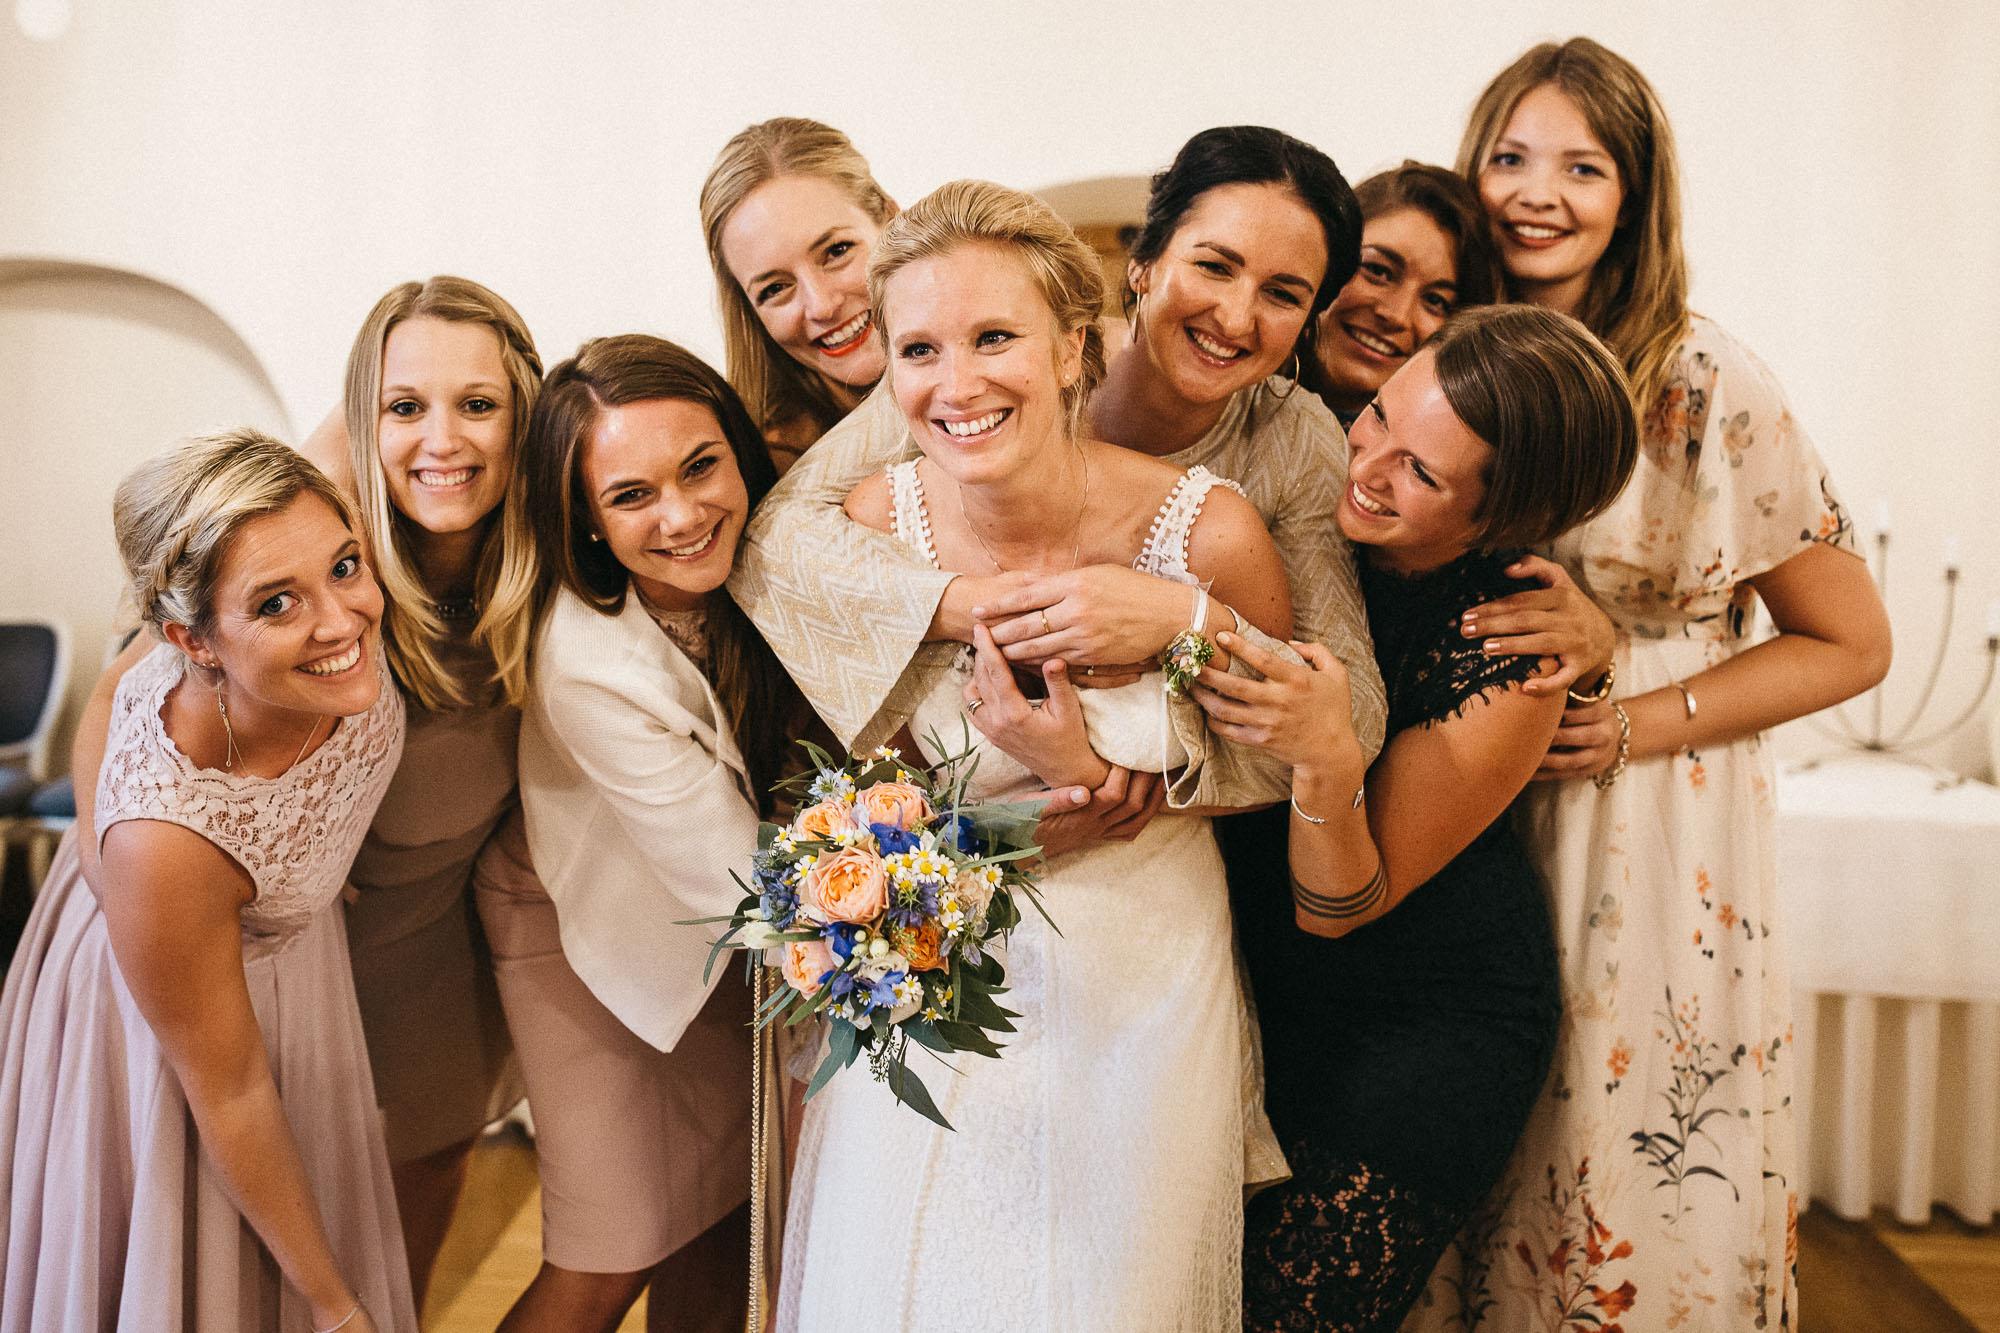 raissa simon photography wedding mosel kloster machern love authentic 527 - Kathrin + Dominik